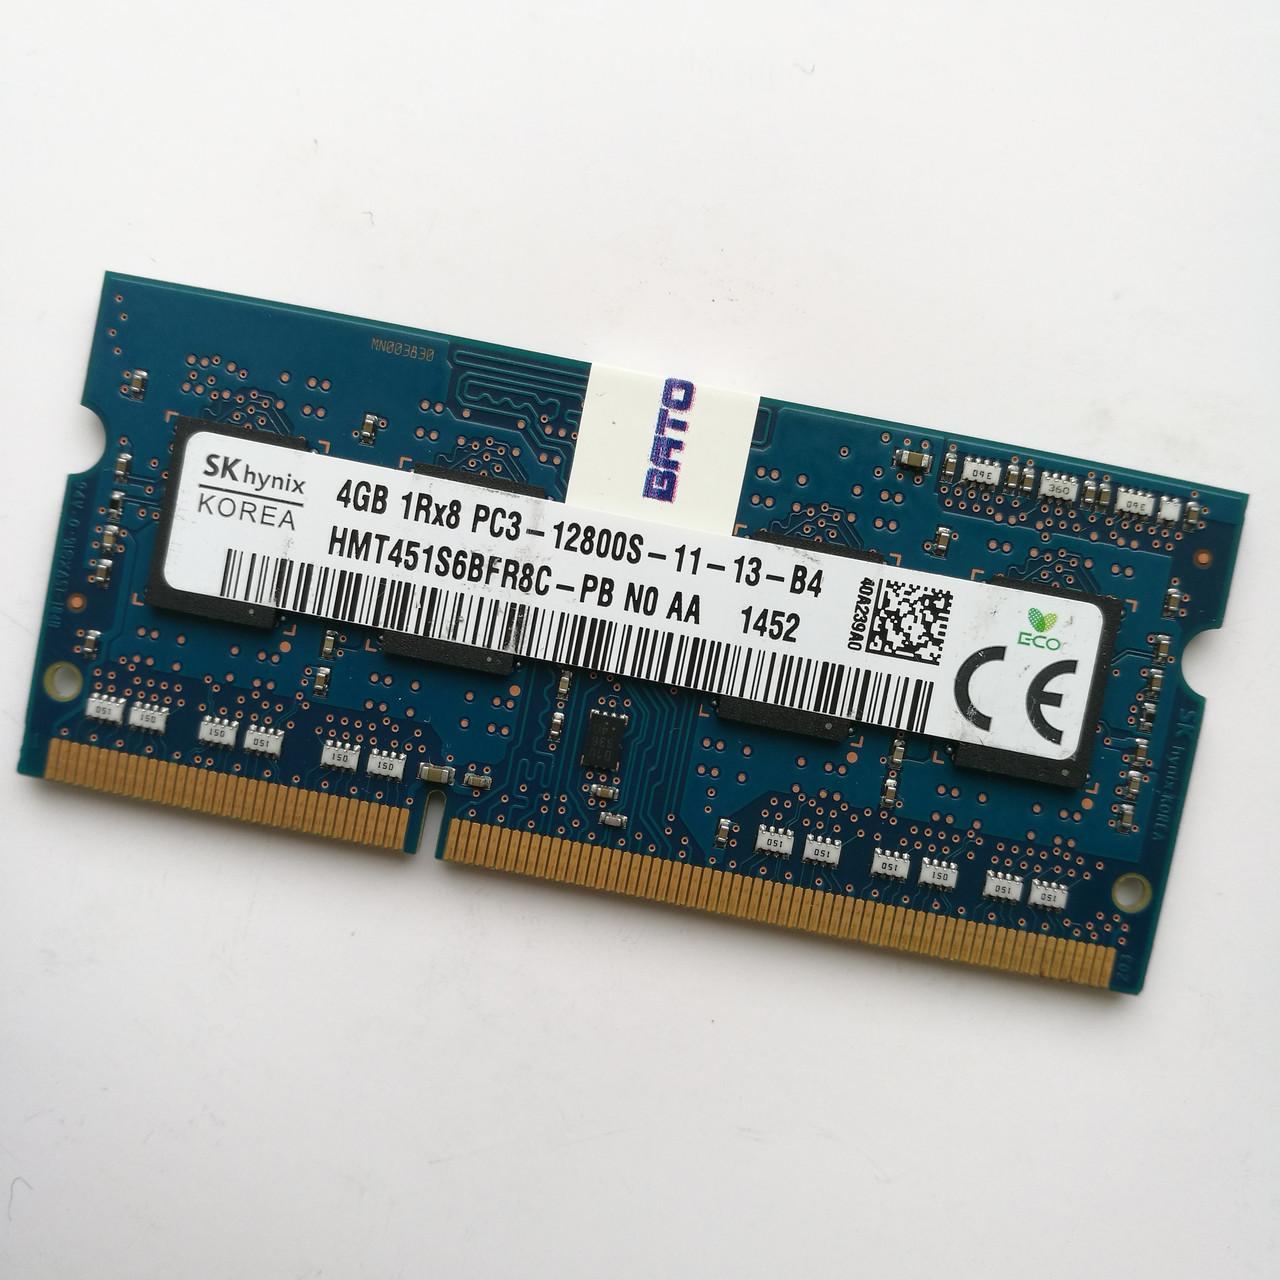 Оперативная память для ноутбука Hynix SODIMM DDR3 4Gb 1600MHz 12800s 1R8 CL11 (HMT451S6BFR8C-PB N0 AA) Б/У